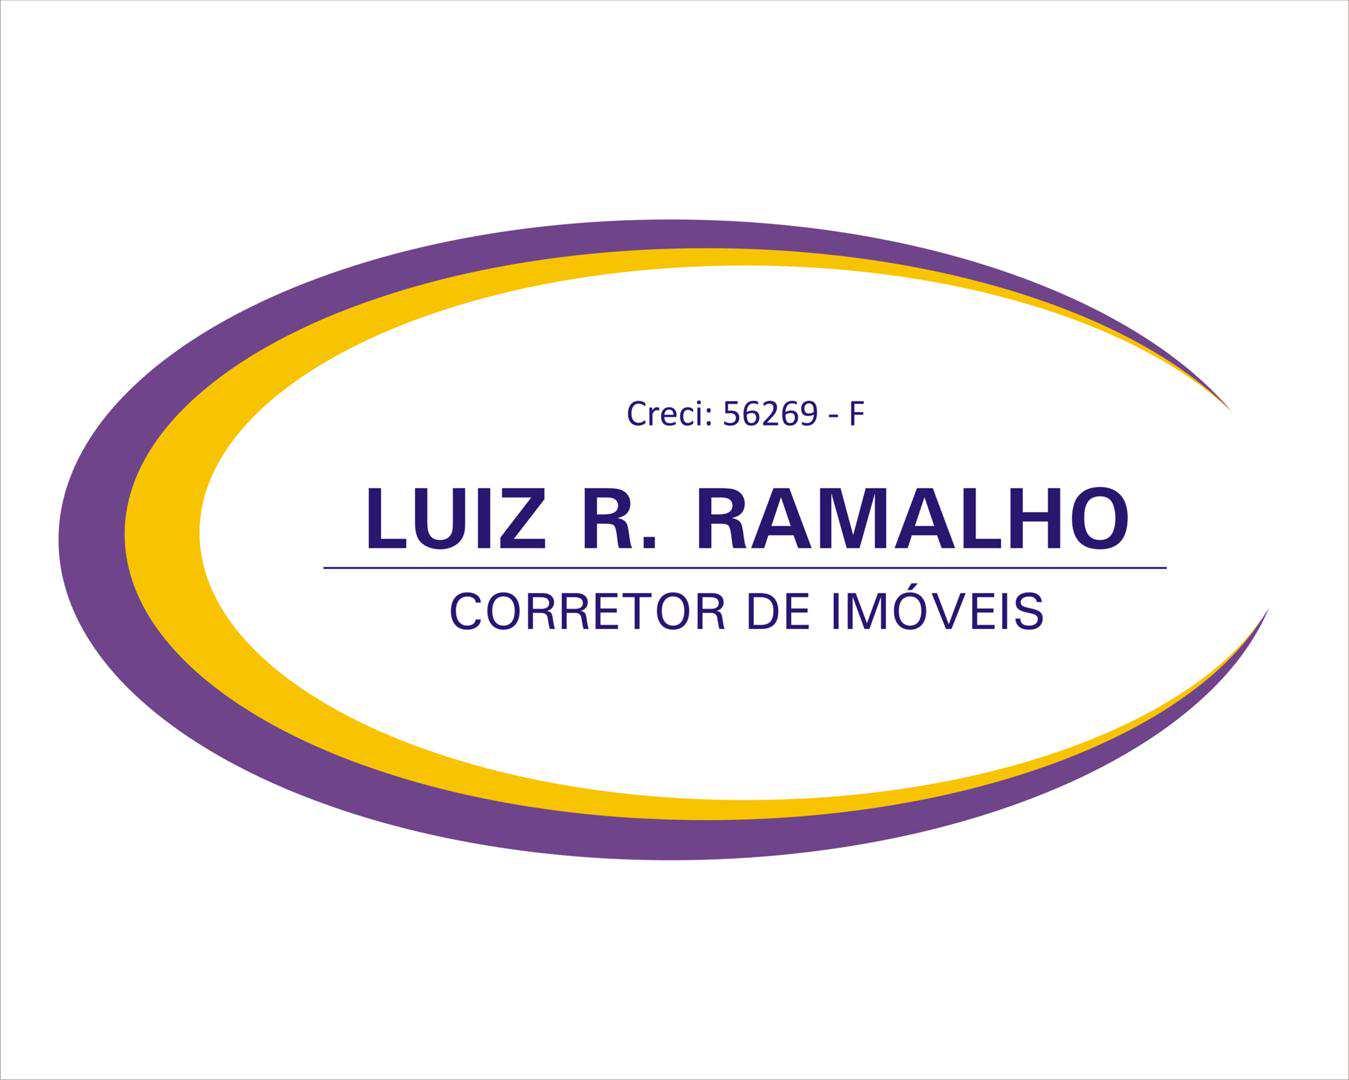 Placa MilênioItu Imóveis_nov_2017_luiz r ramalho